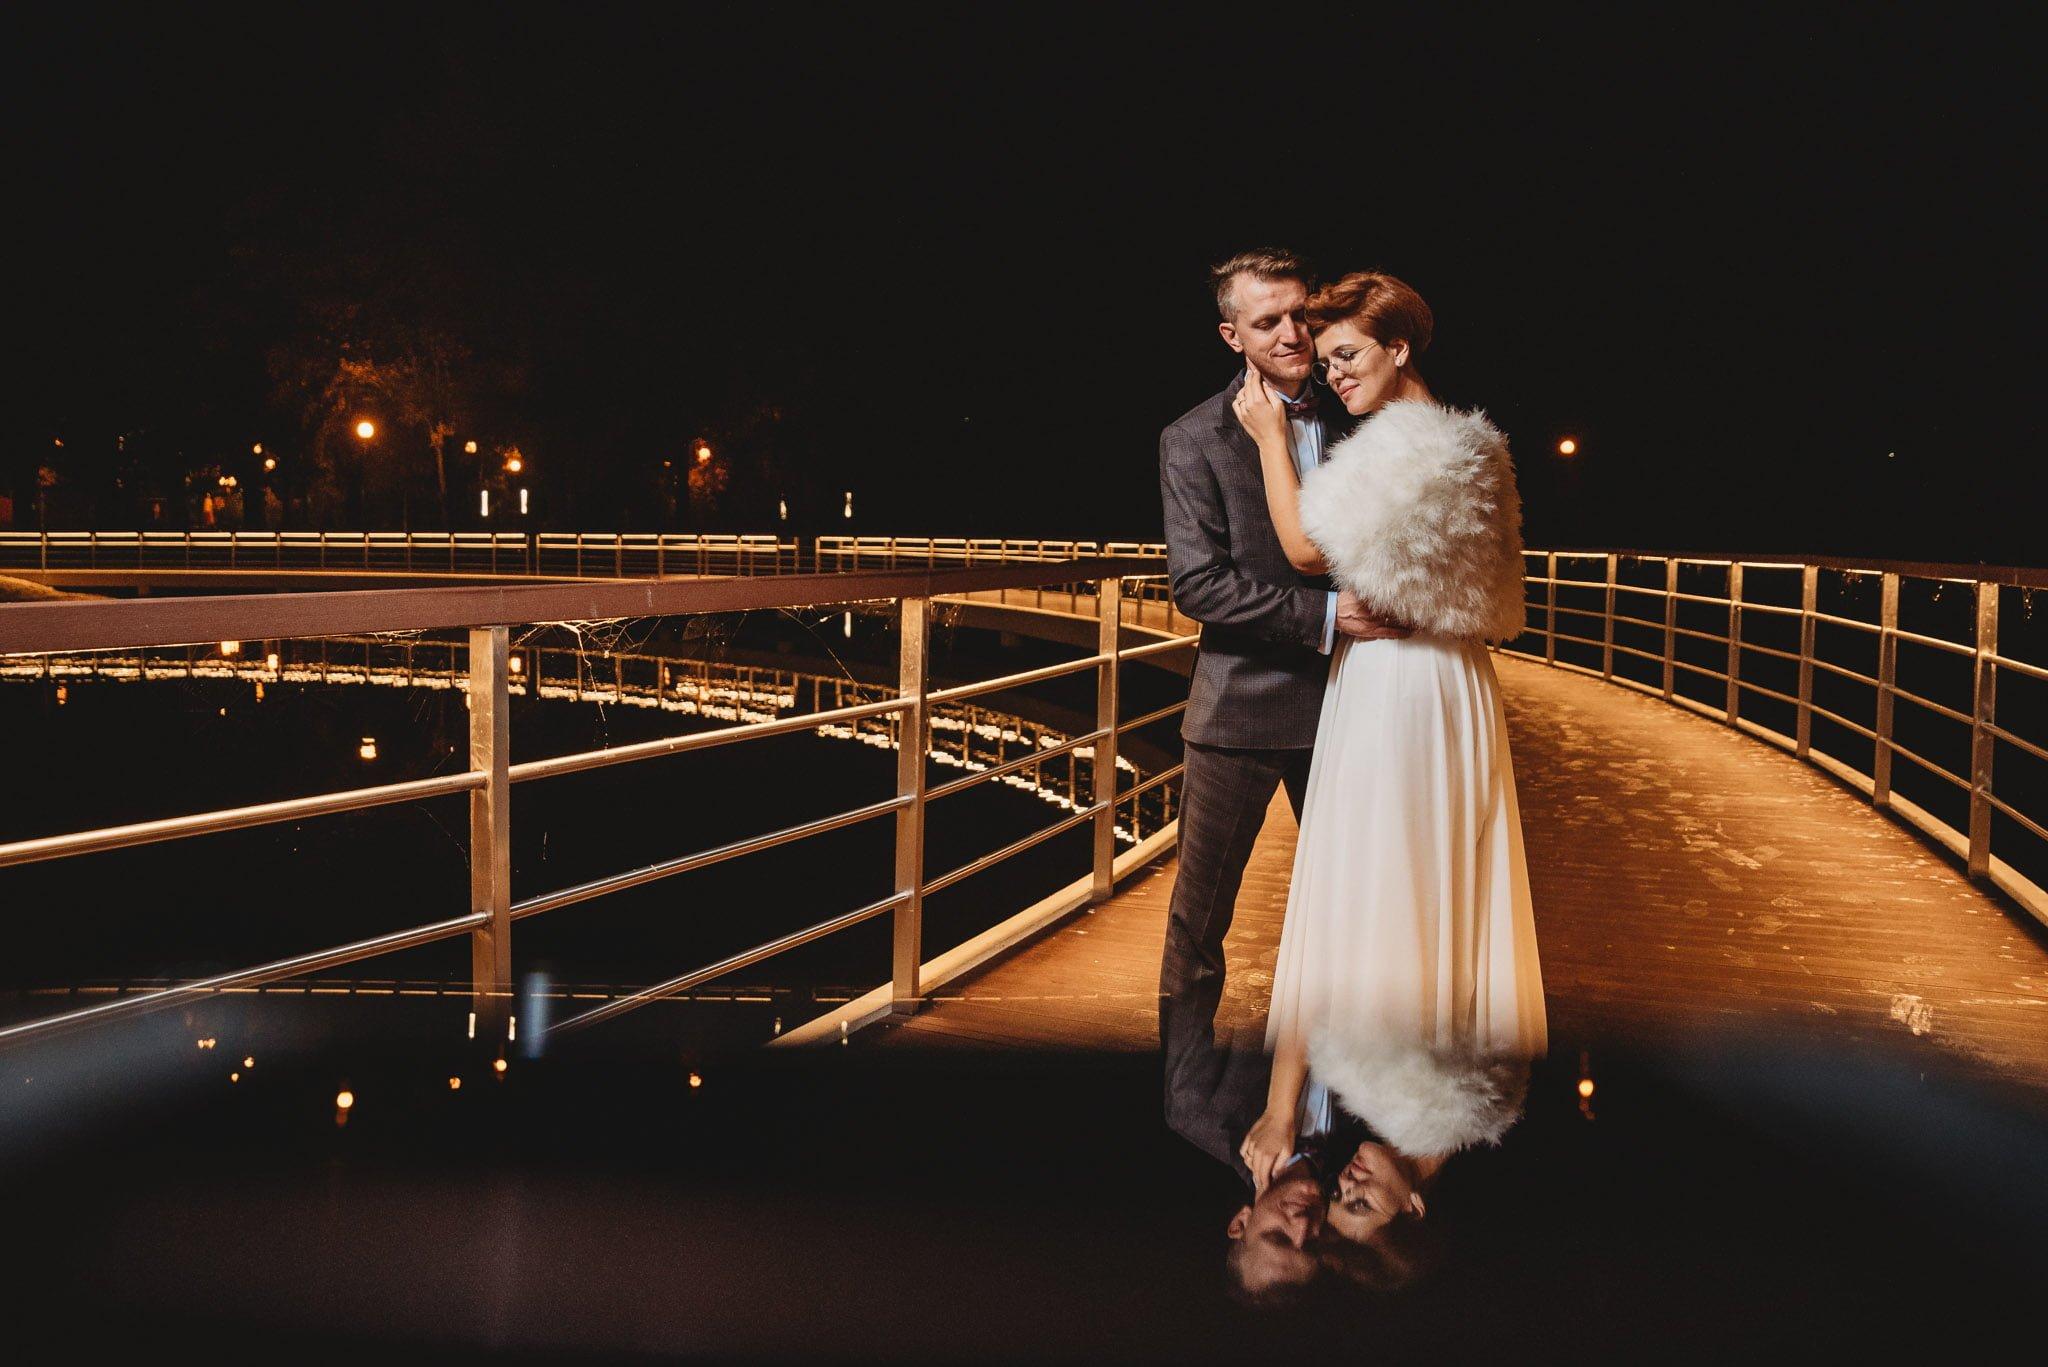 para młoda, mini sesja plenerowa tego samego dnia, fotografia ślubna